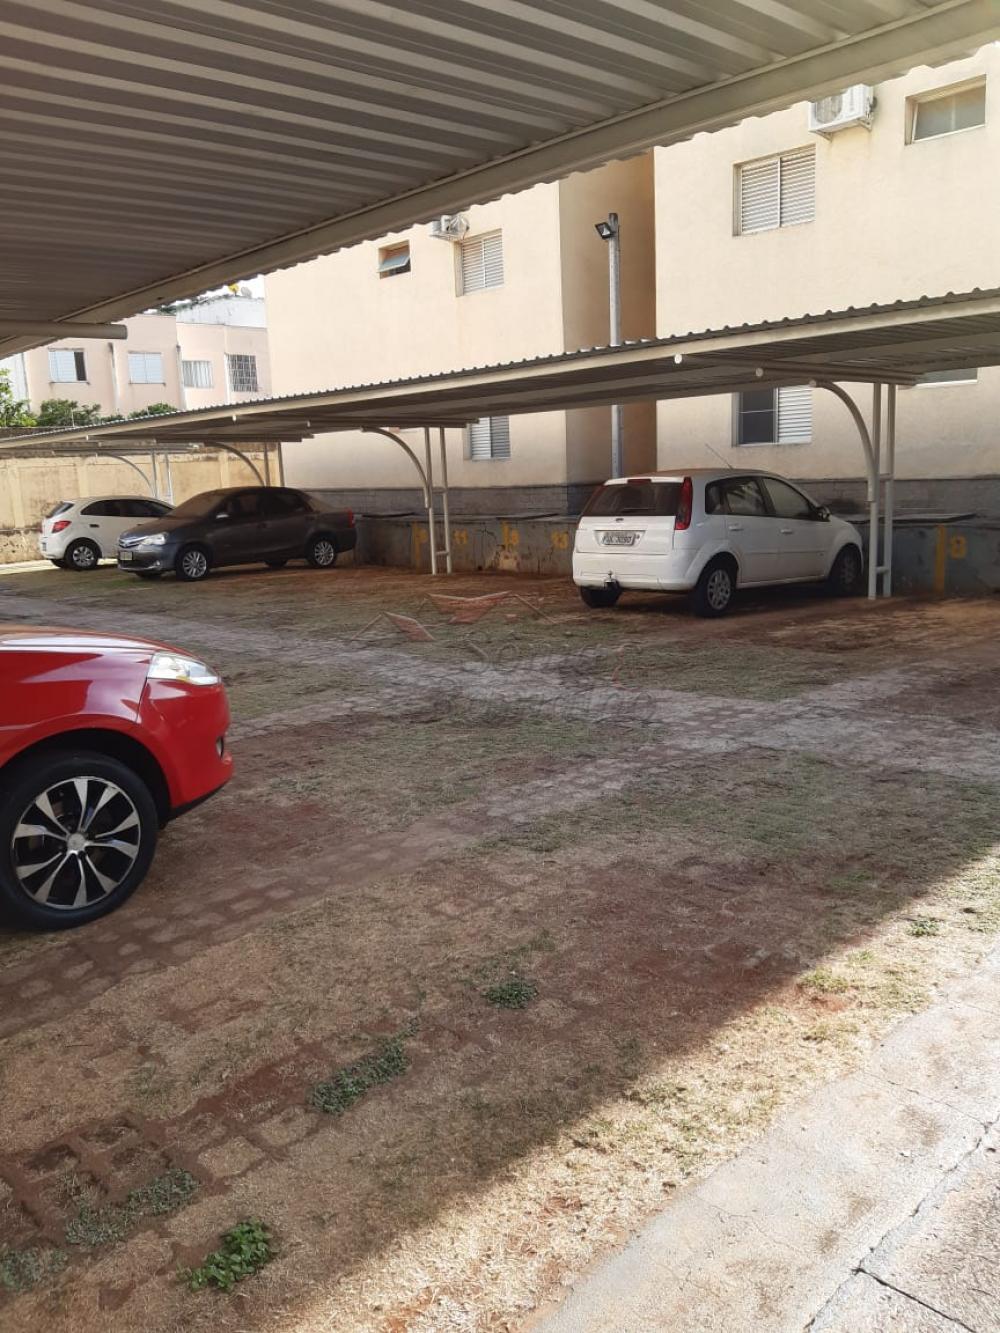 Comprar Apartamentos / Padrão em Ribeirão Preto R$ 210.000,00 - Foto 1